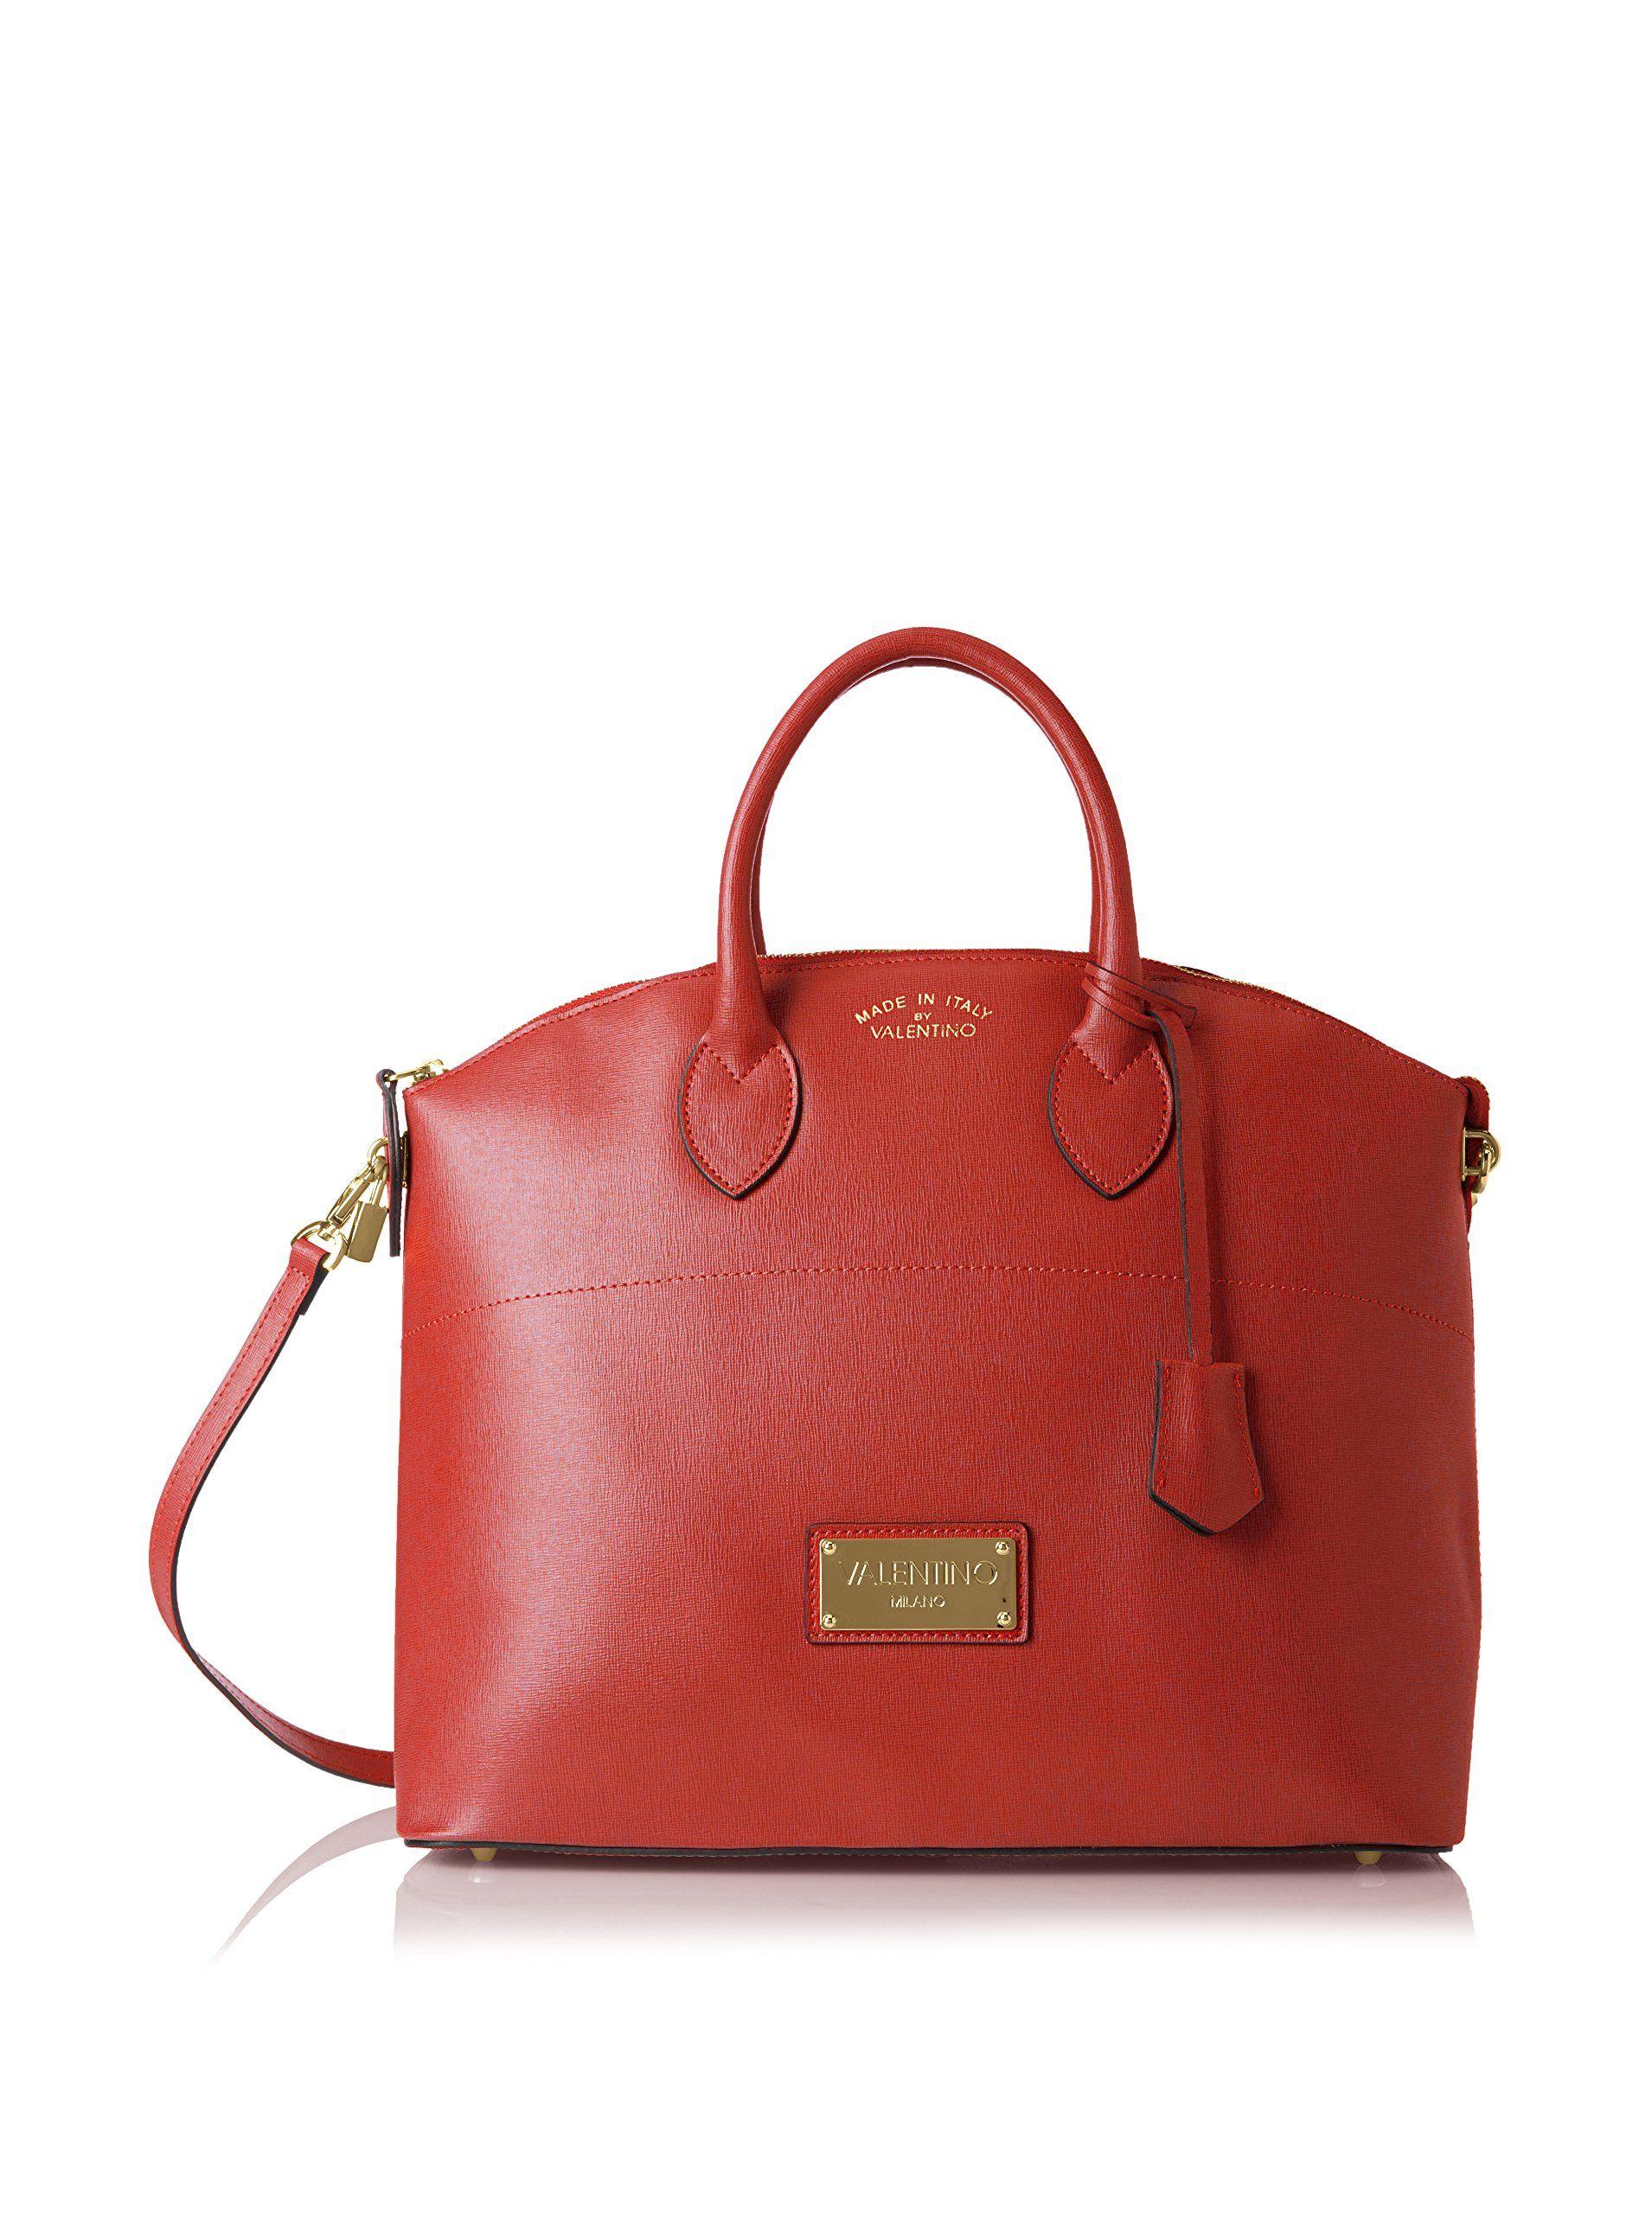 Valentino Bags by Mario Valentino Women's Bravia Satchel, Rubino at MYHABIT